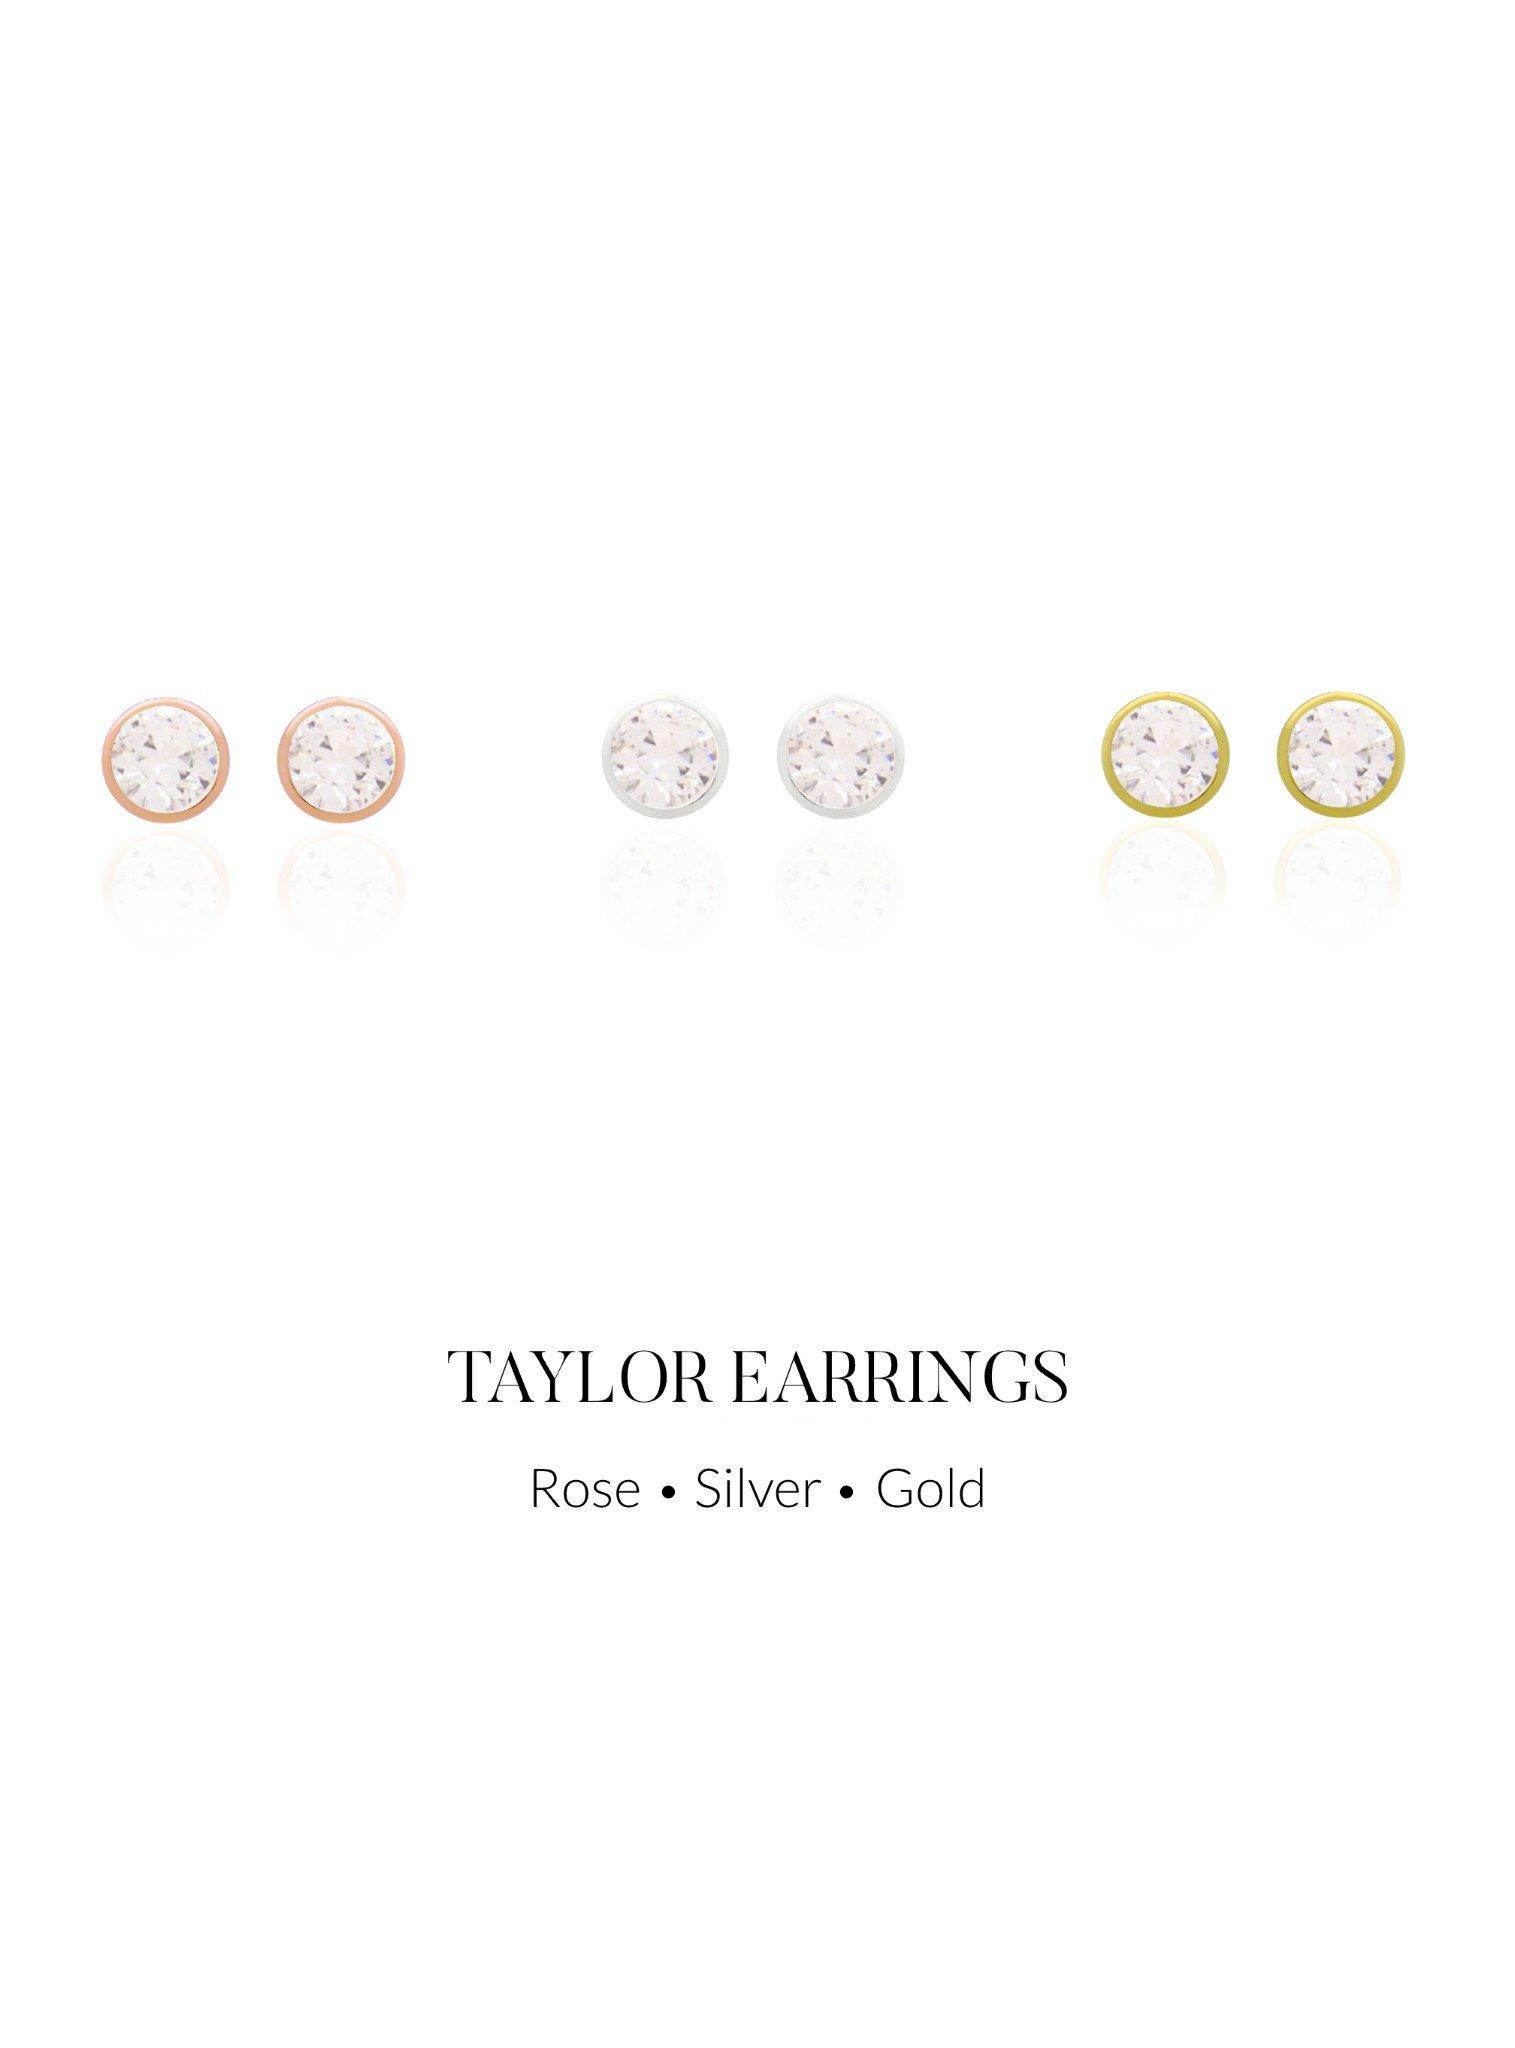 Taylor 3mm CZ Stud Earrings in Gold